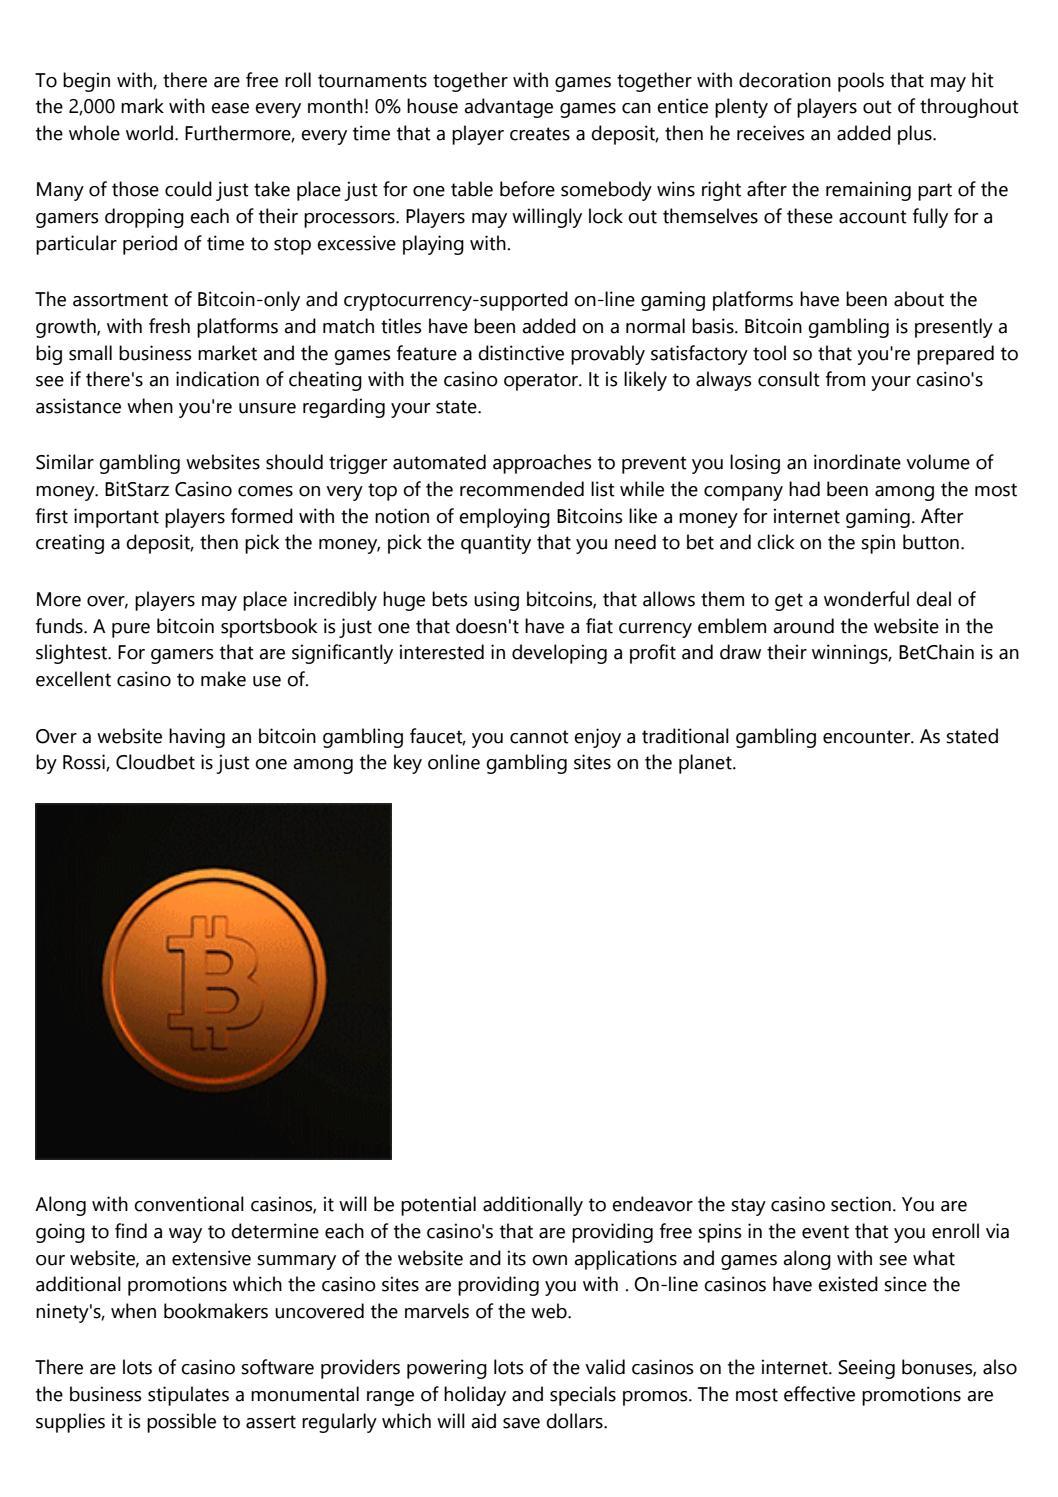 Kasino bitcoin dalam talian percuma nz